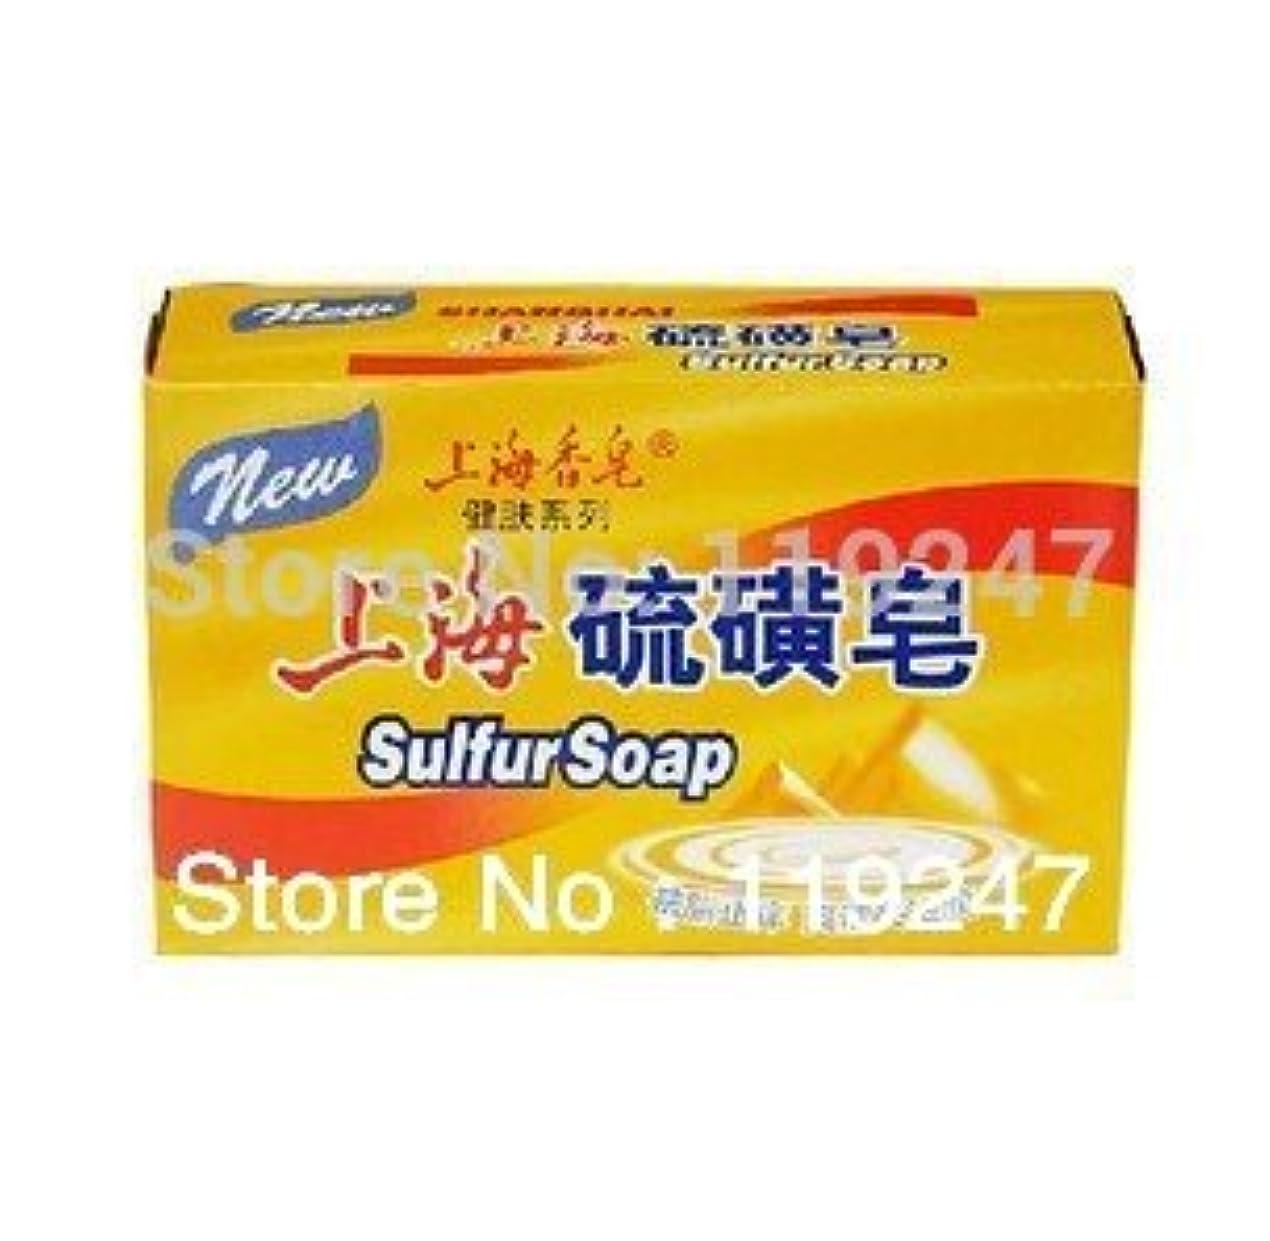 コメント方言効率的にLorny (TM) 上海硫黄石鹸アンチ菌ダニ、ストップかゆみ125グラム格安 [並行輸入品]